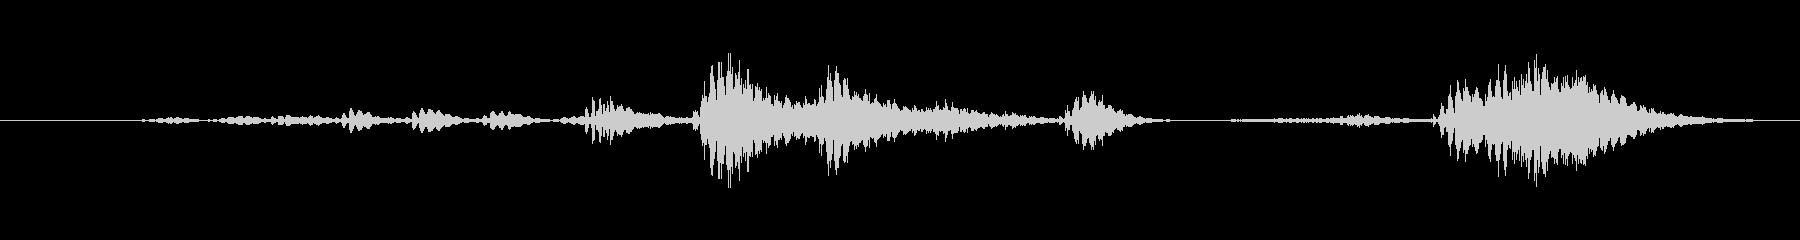 特撮 デジタルラトル03の未再生の波形